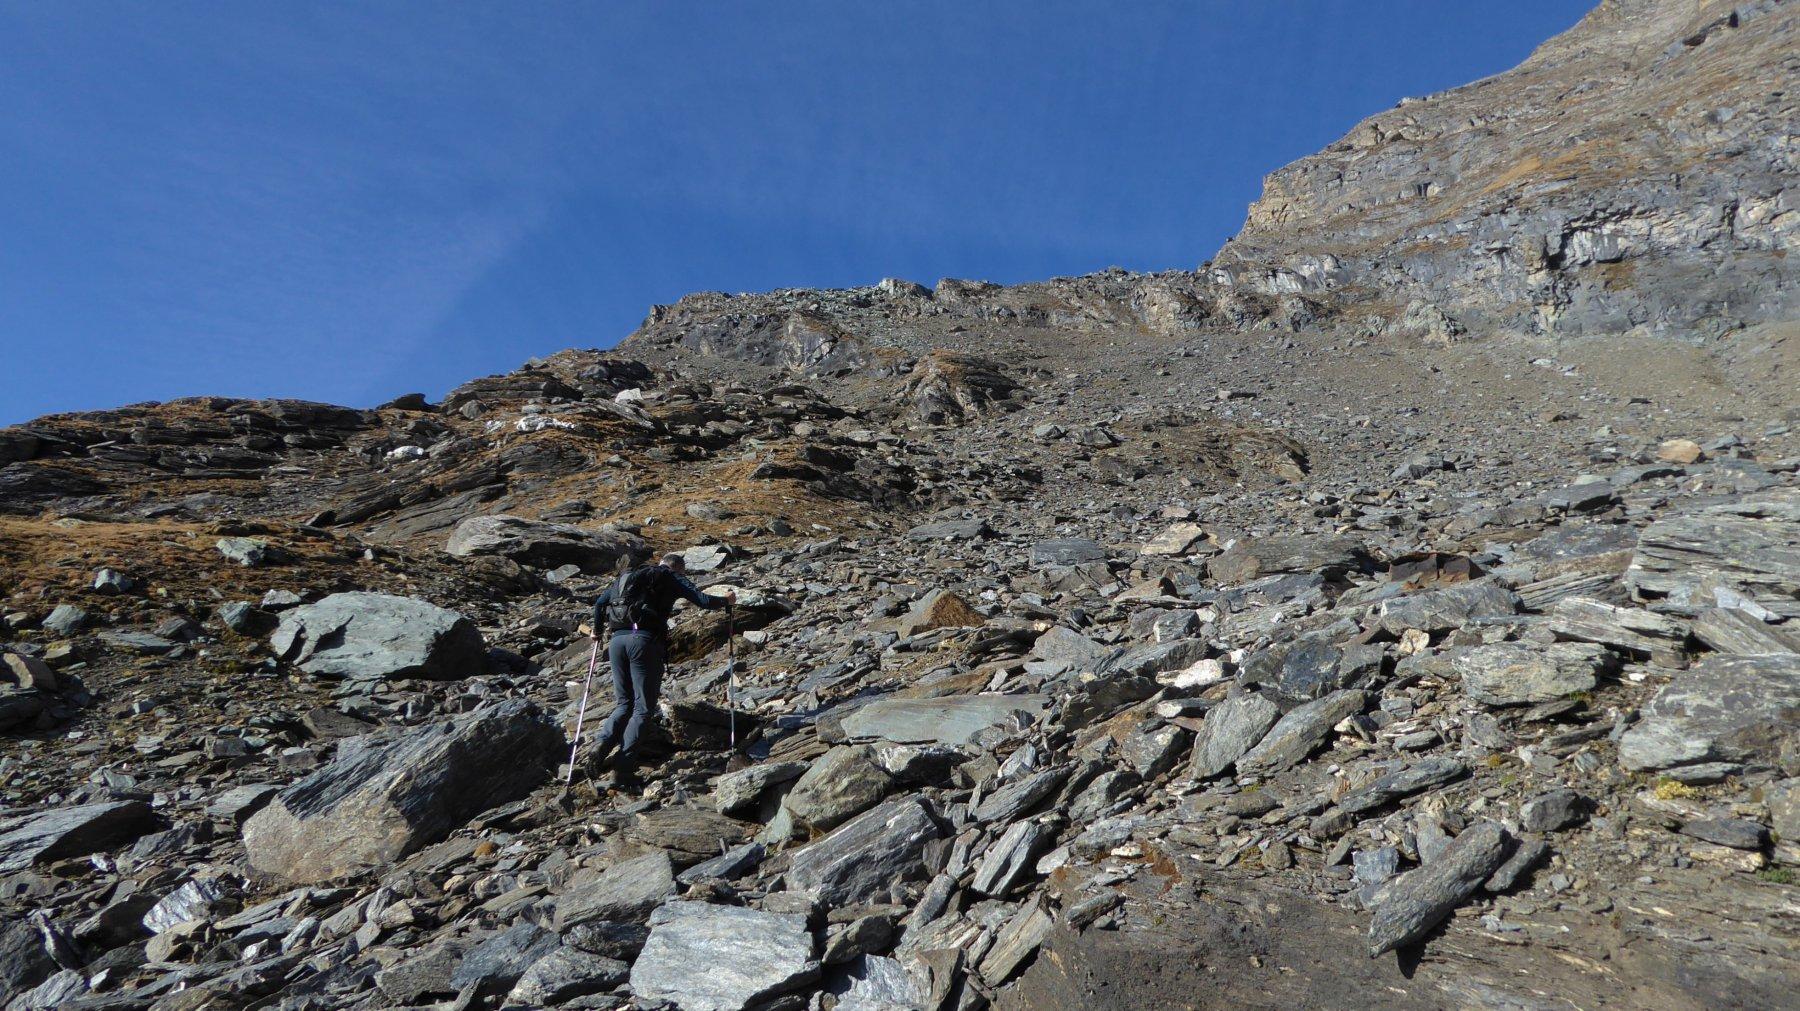 Si punta al centro-destra della pianeggiante cresta